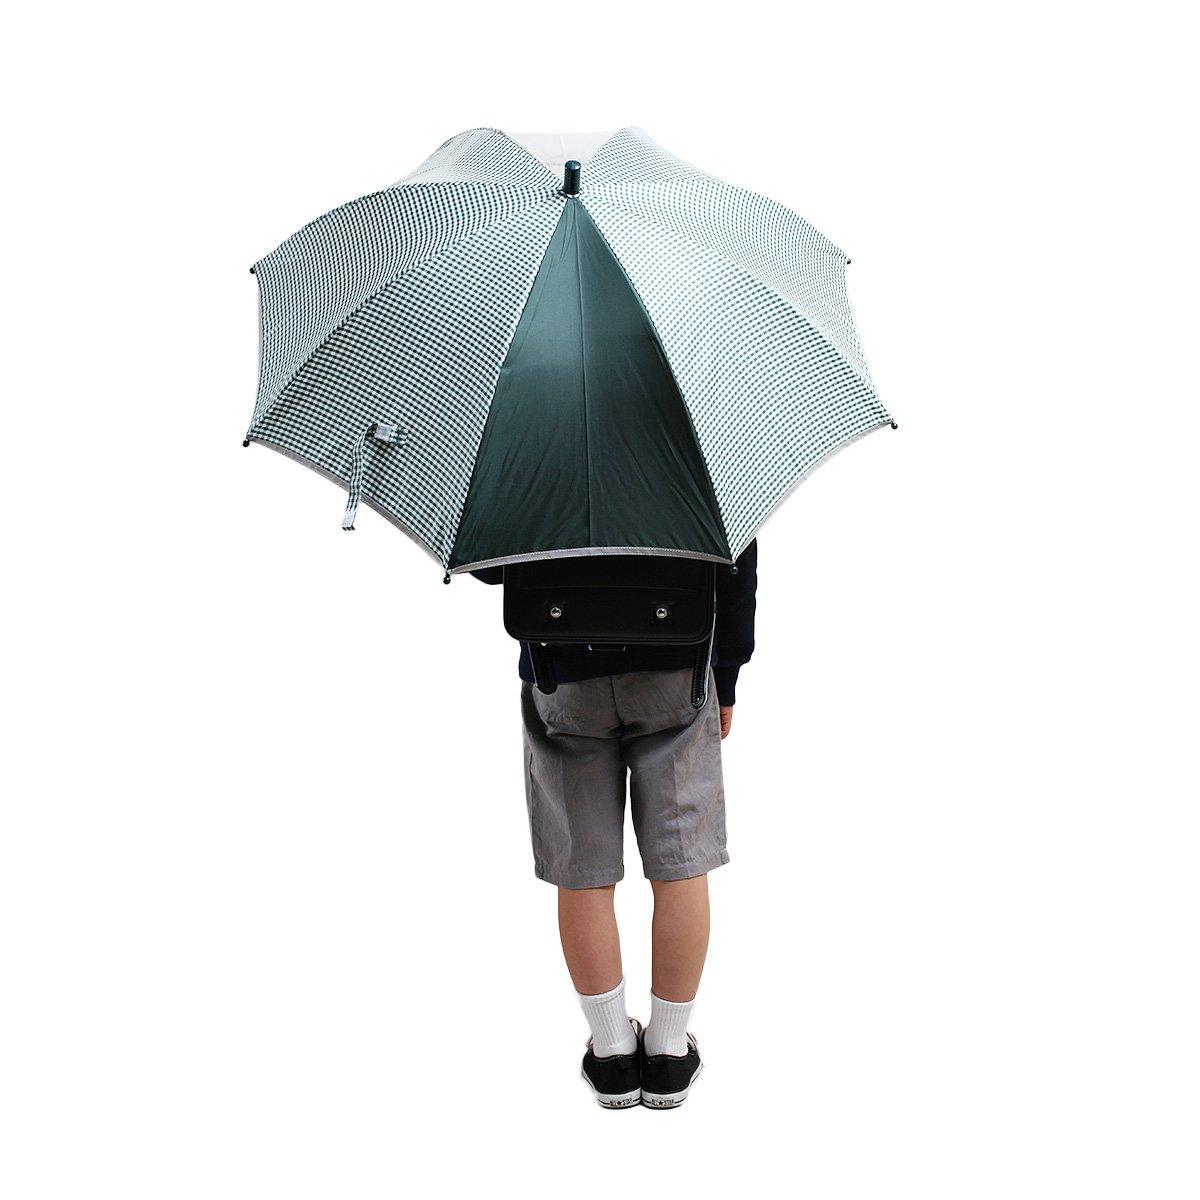 キッズ スクール ギンガムチェック 長傘(グリーン) 詳細画像9